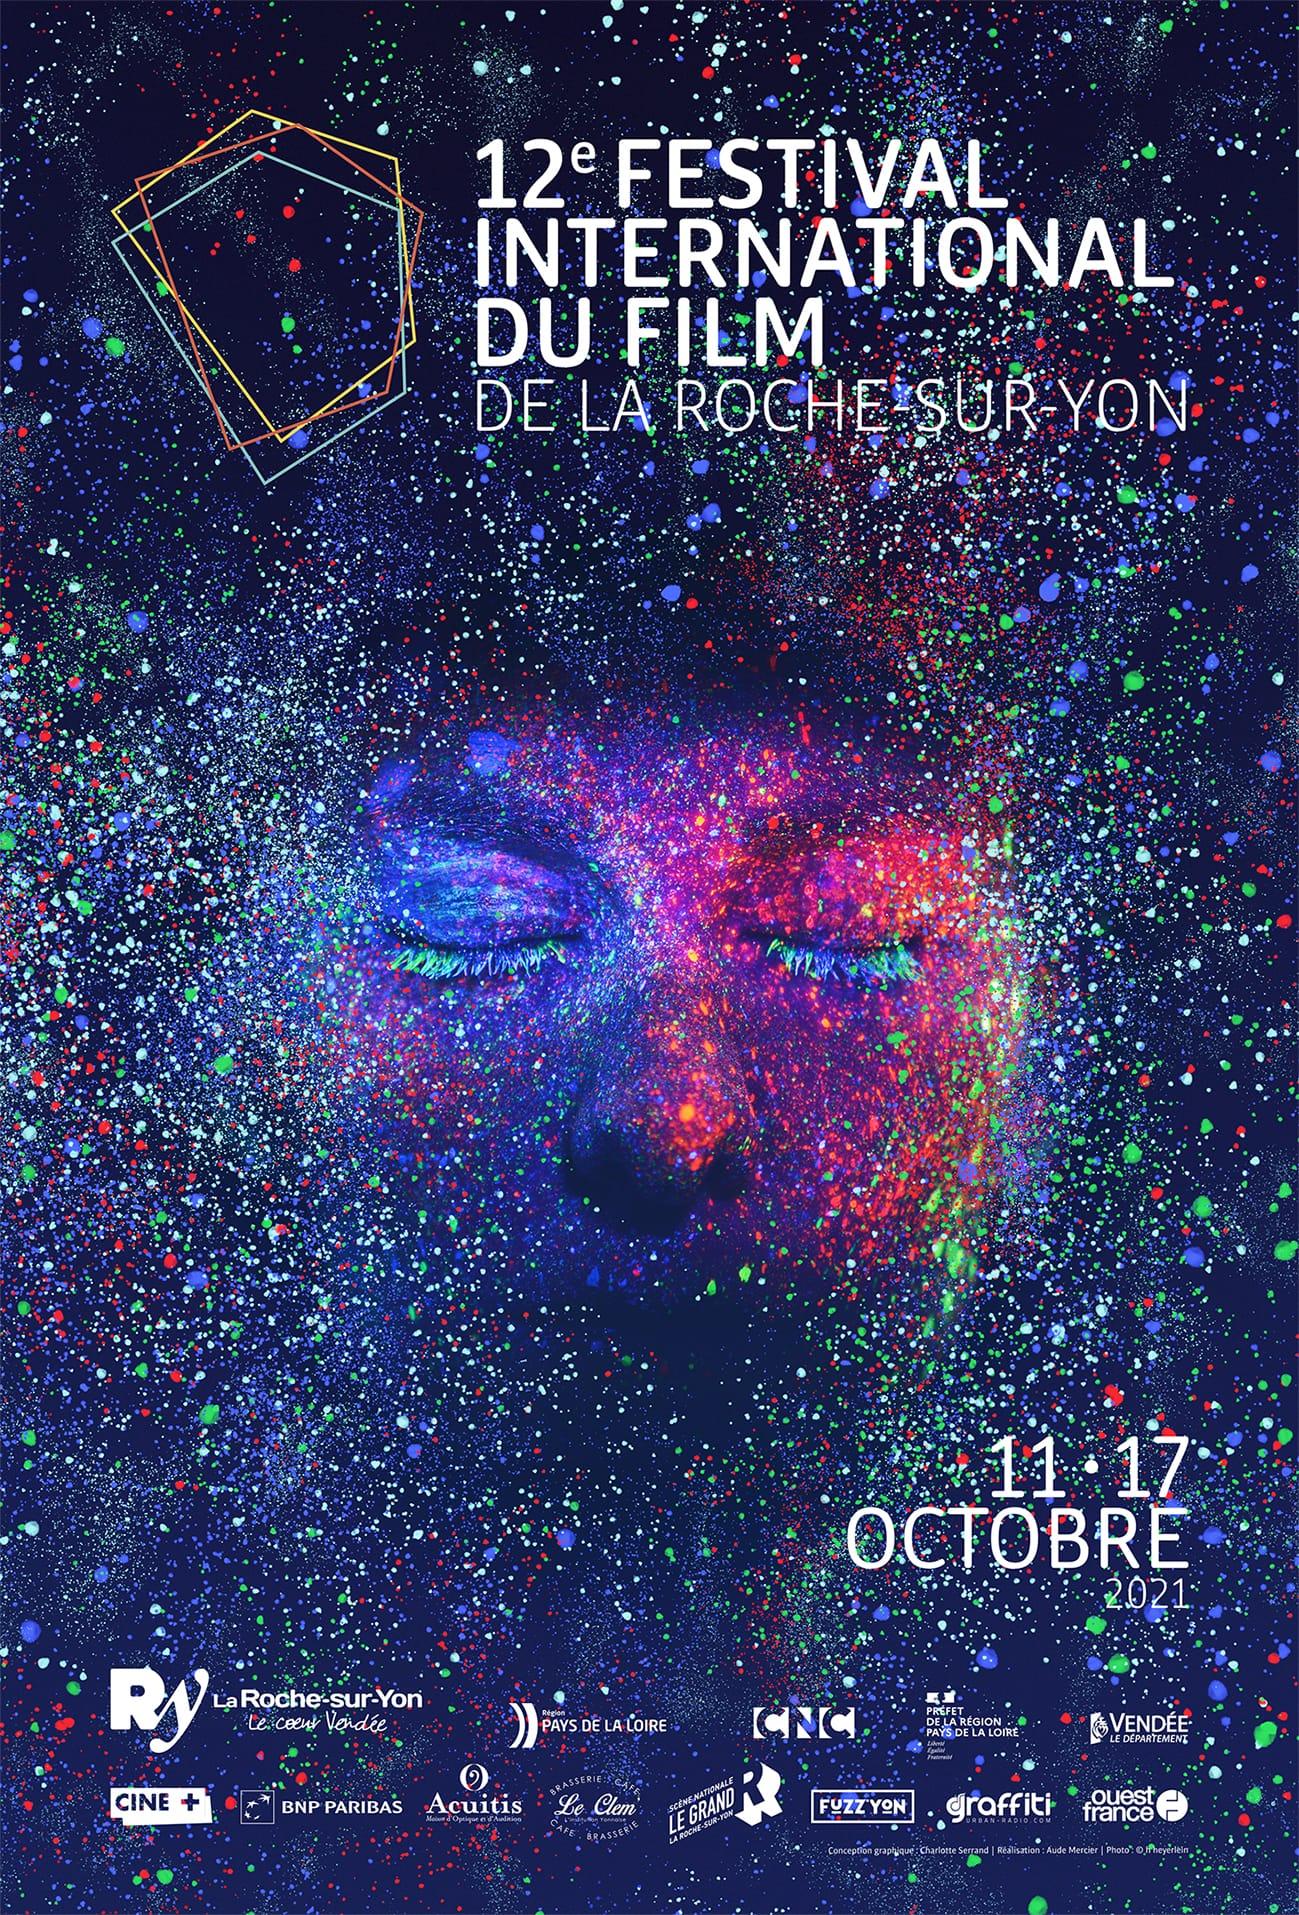 Festival International du Film de La Roche-sur-Yon affiche cinéma